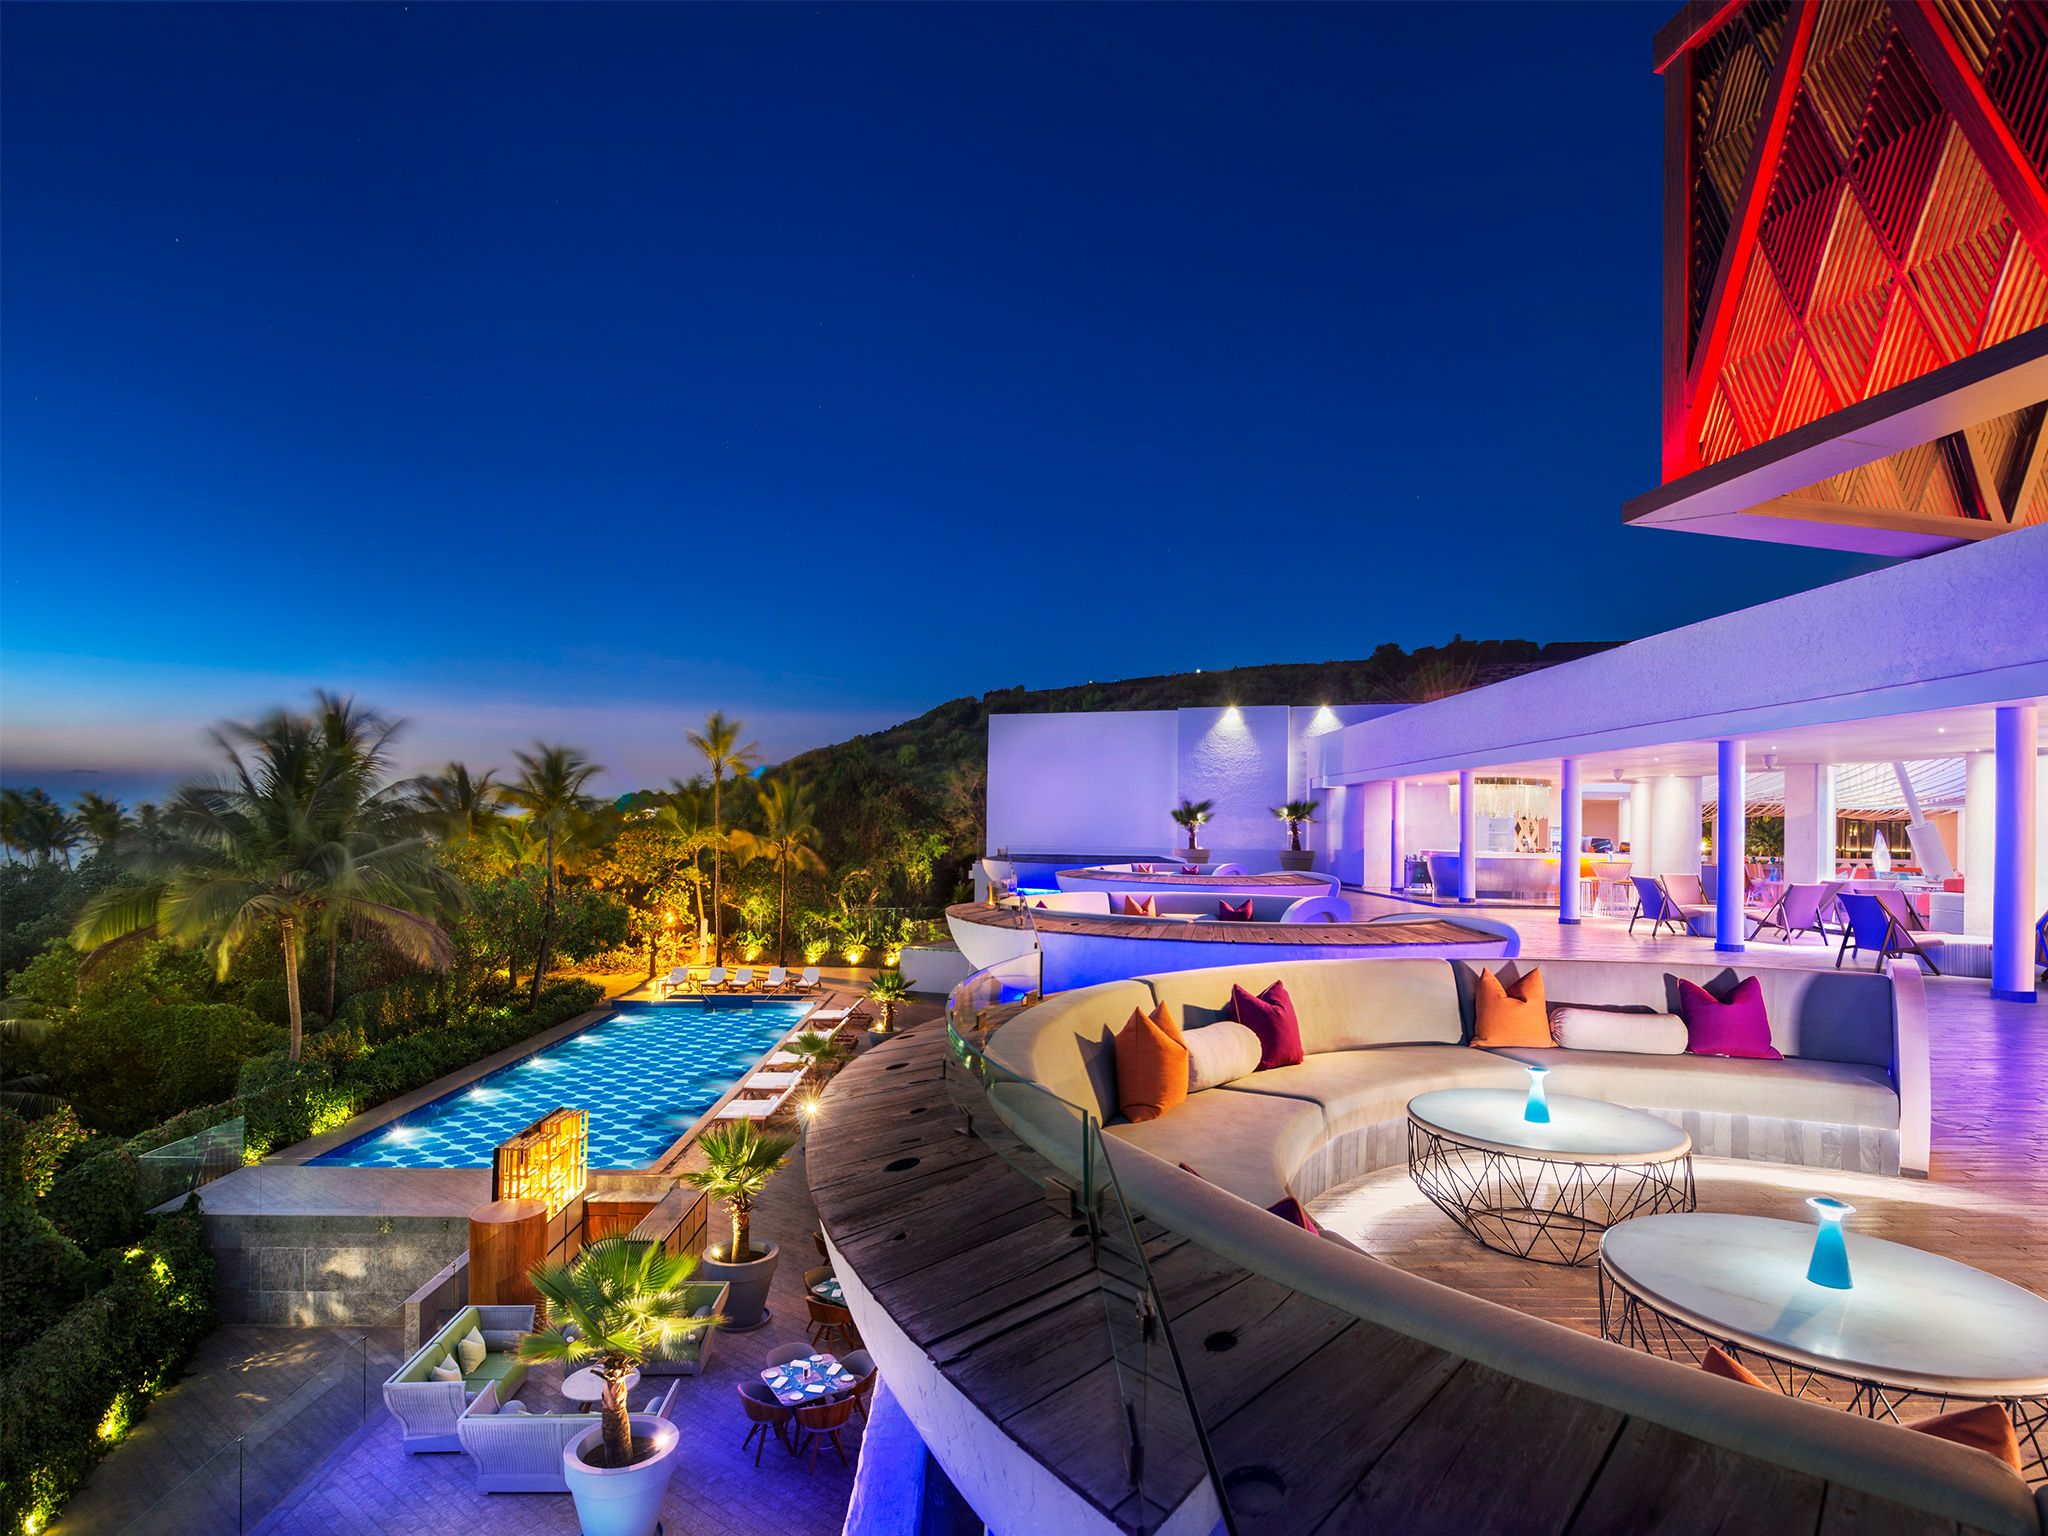 هتل پنج ستاره W در گوا